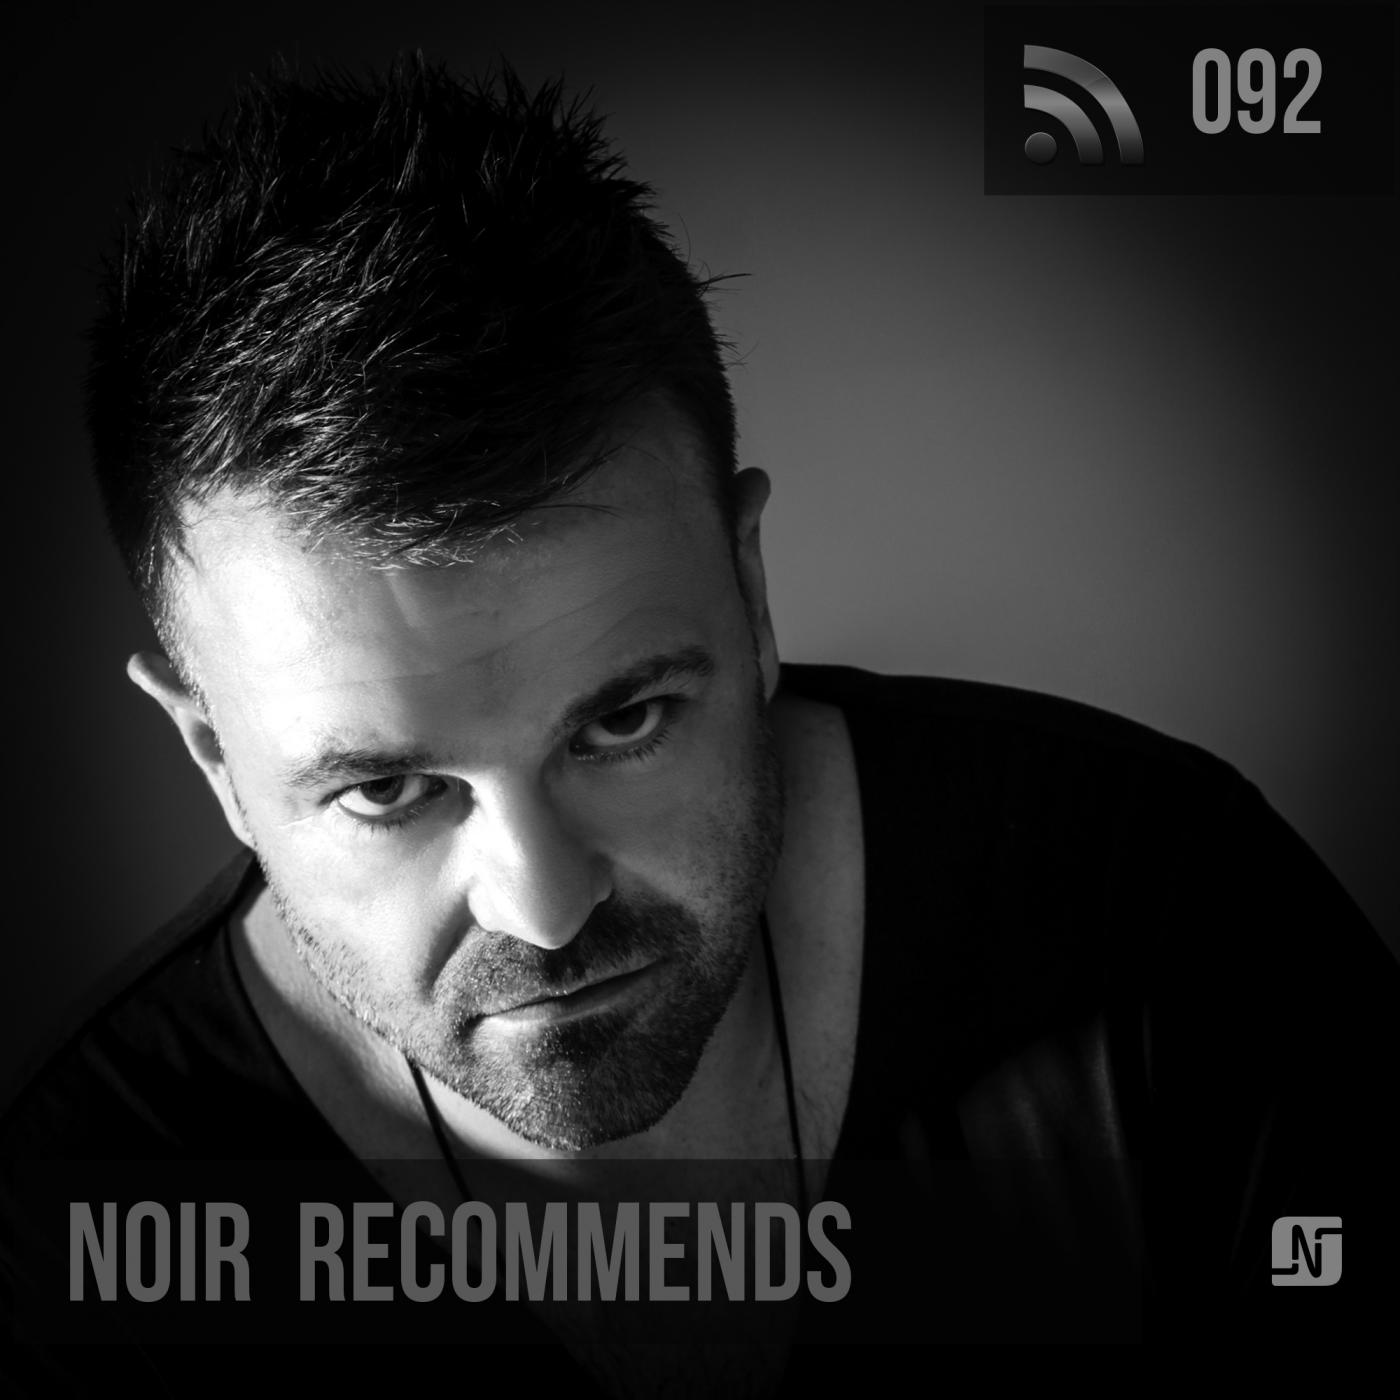 Noir Recommends 092 | Noir